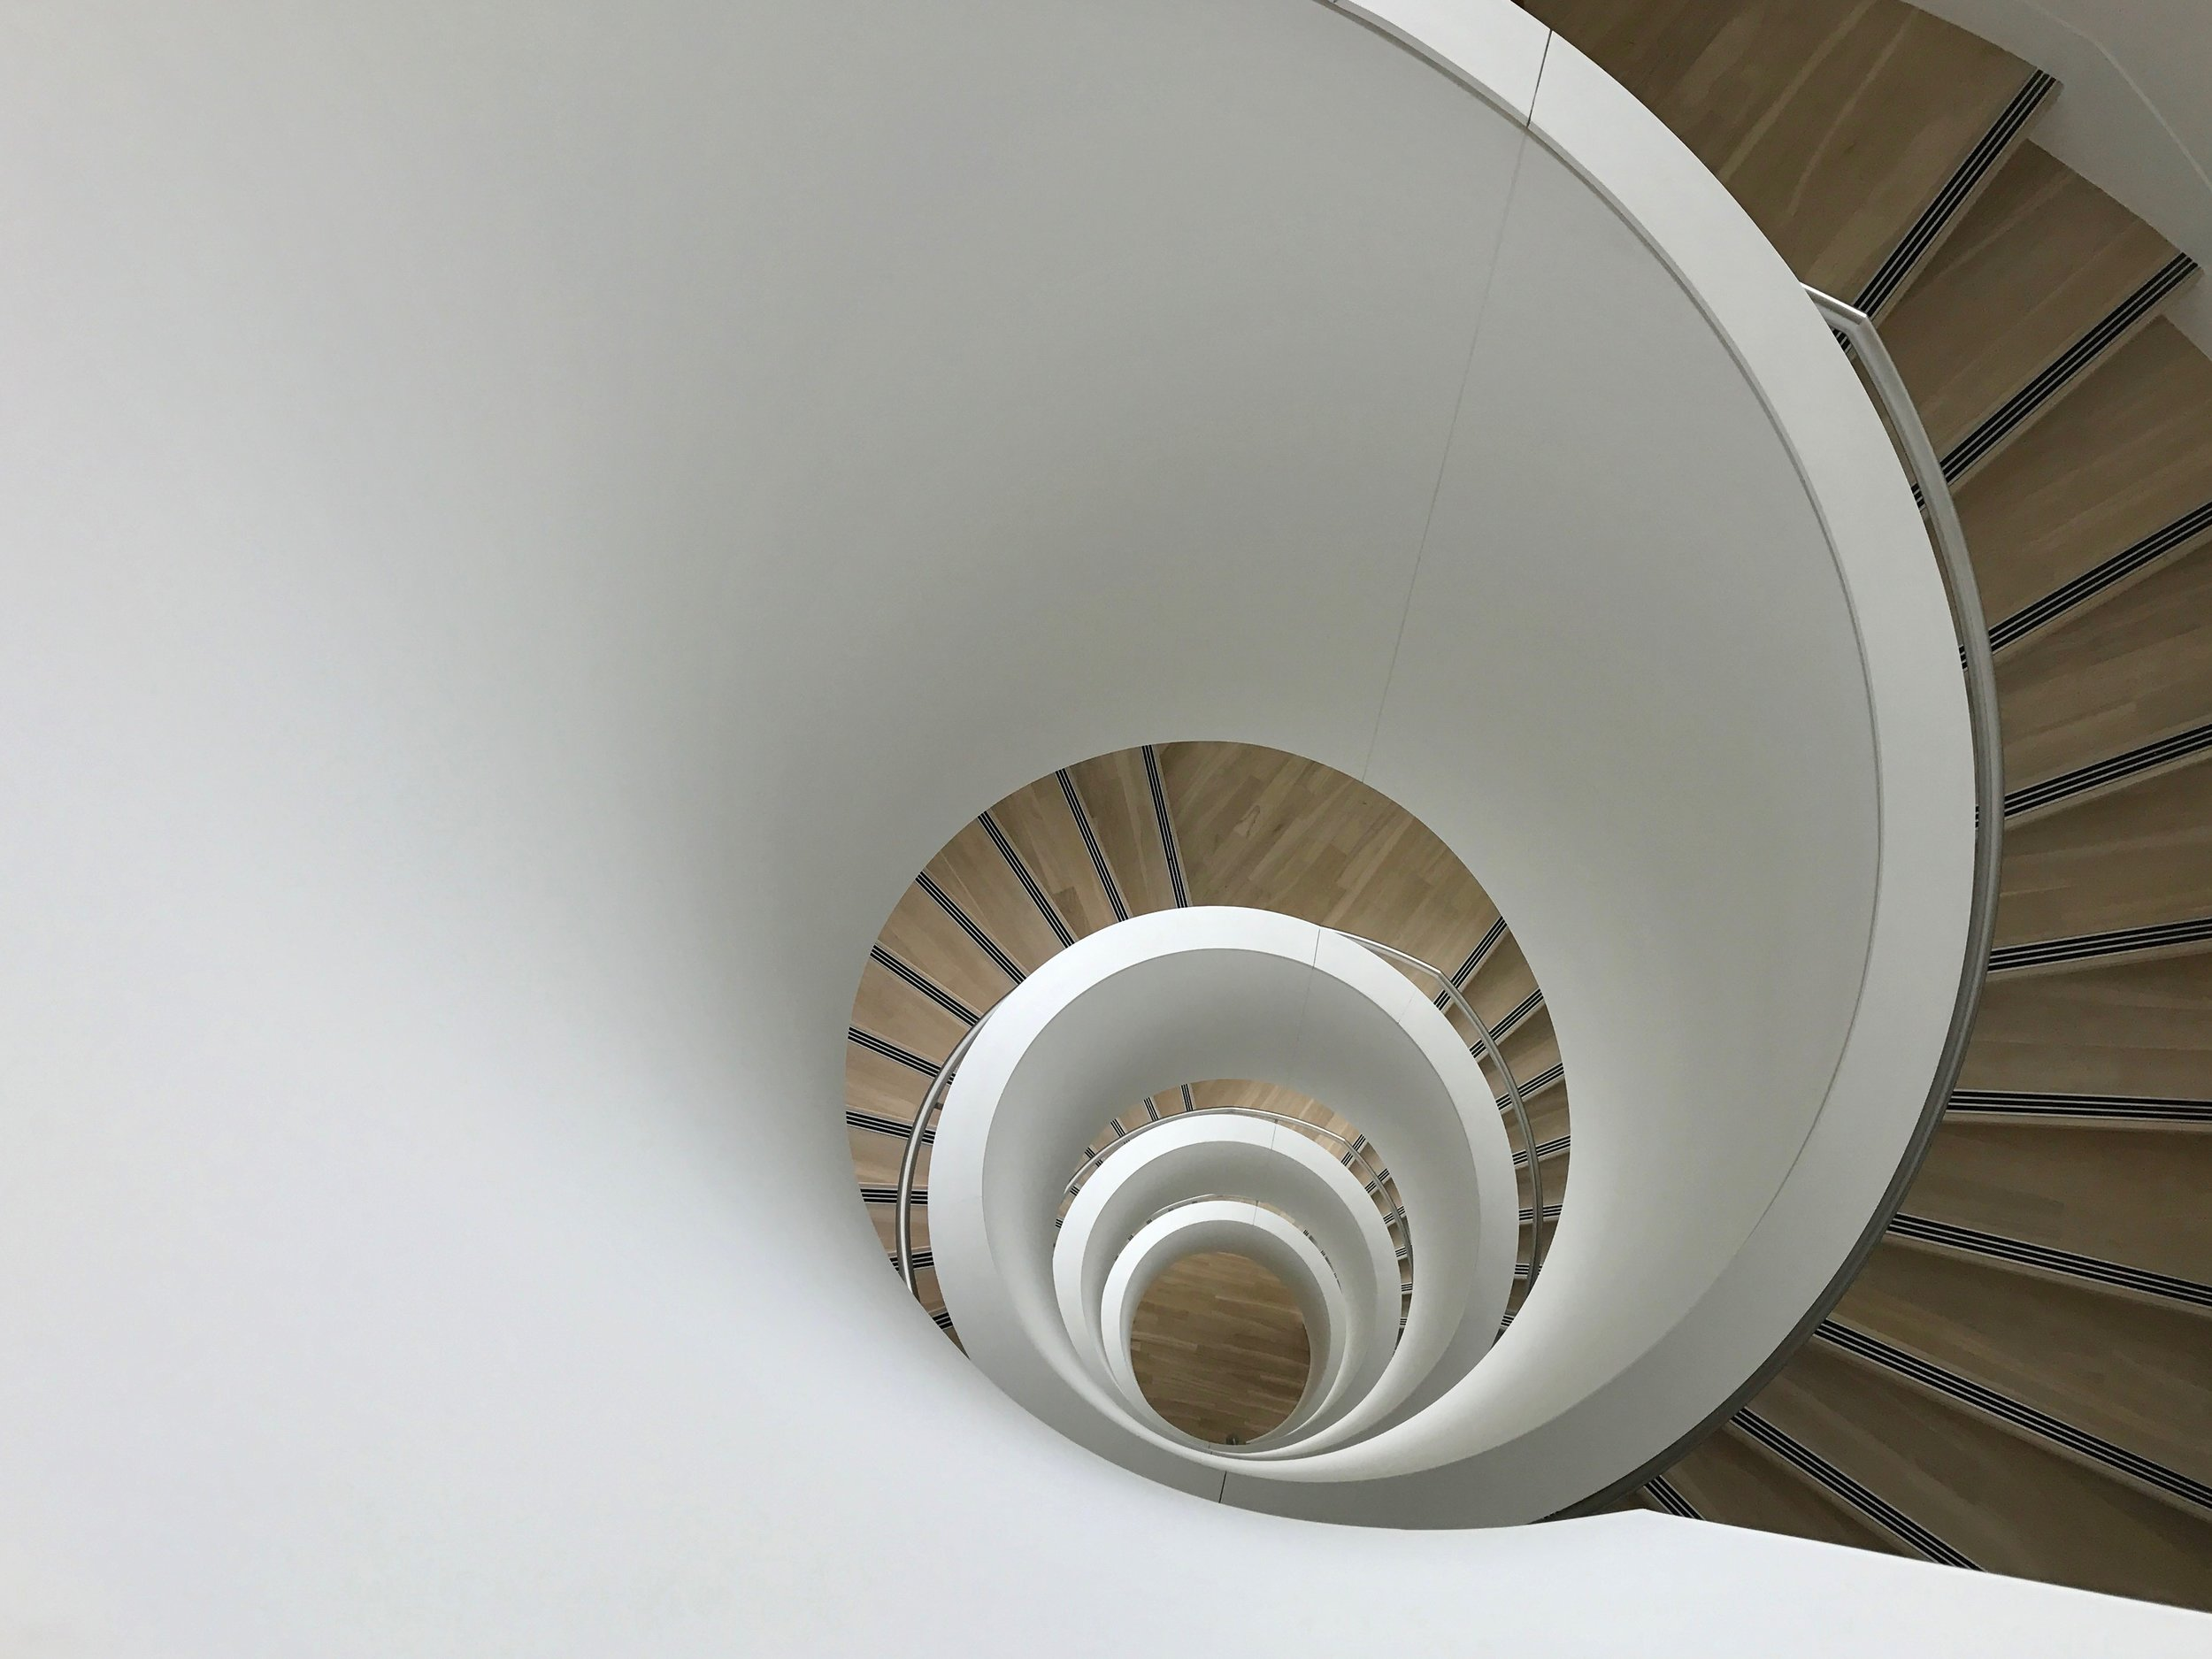 Staircase, SAHMRI Building, Adelaide, Australia